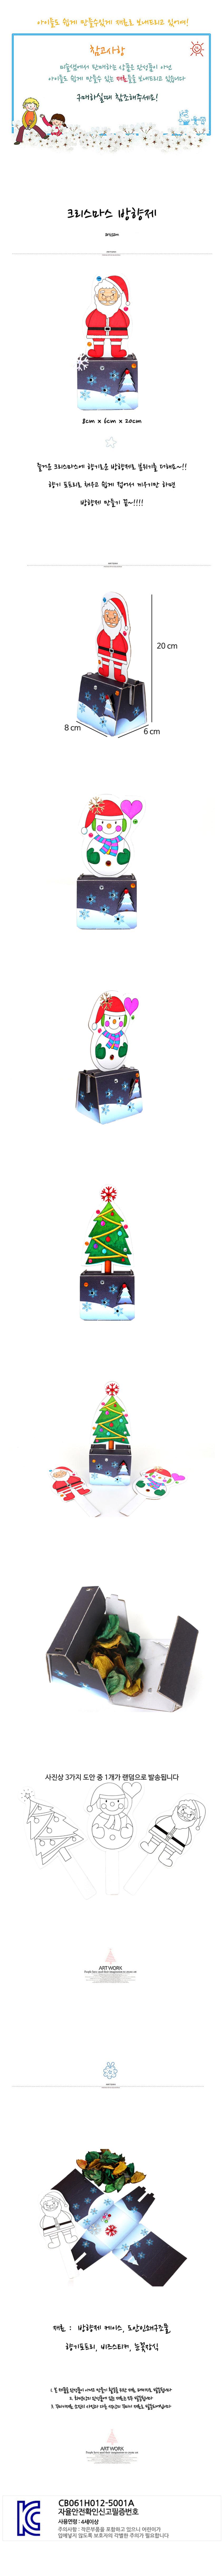 크리스마스 방향제 5인용 - 미술샘, 9,500원, 종이공예/북아트, 종이공예 패키지